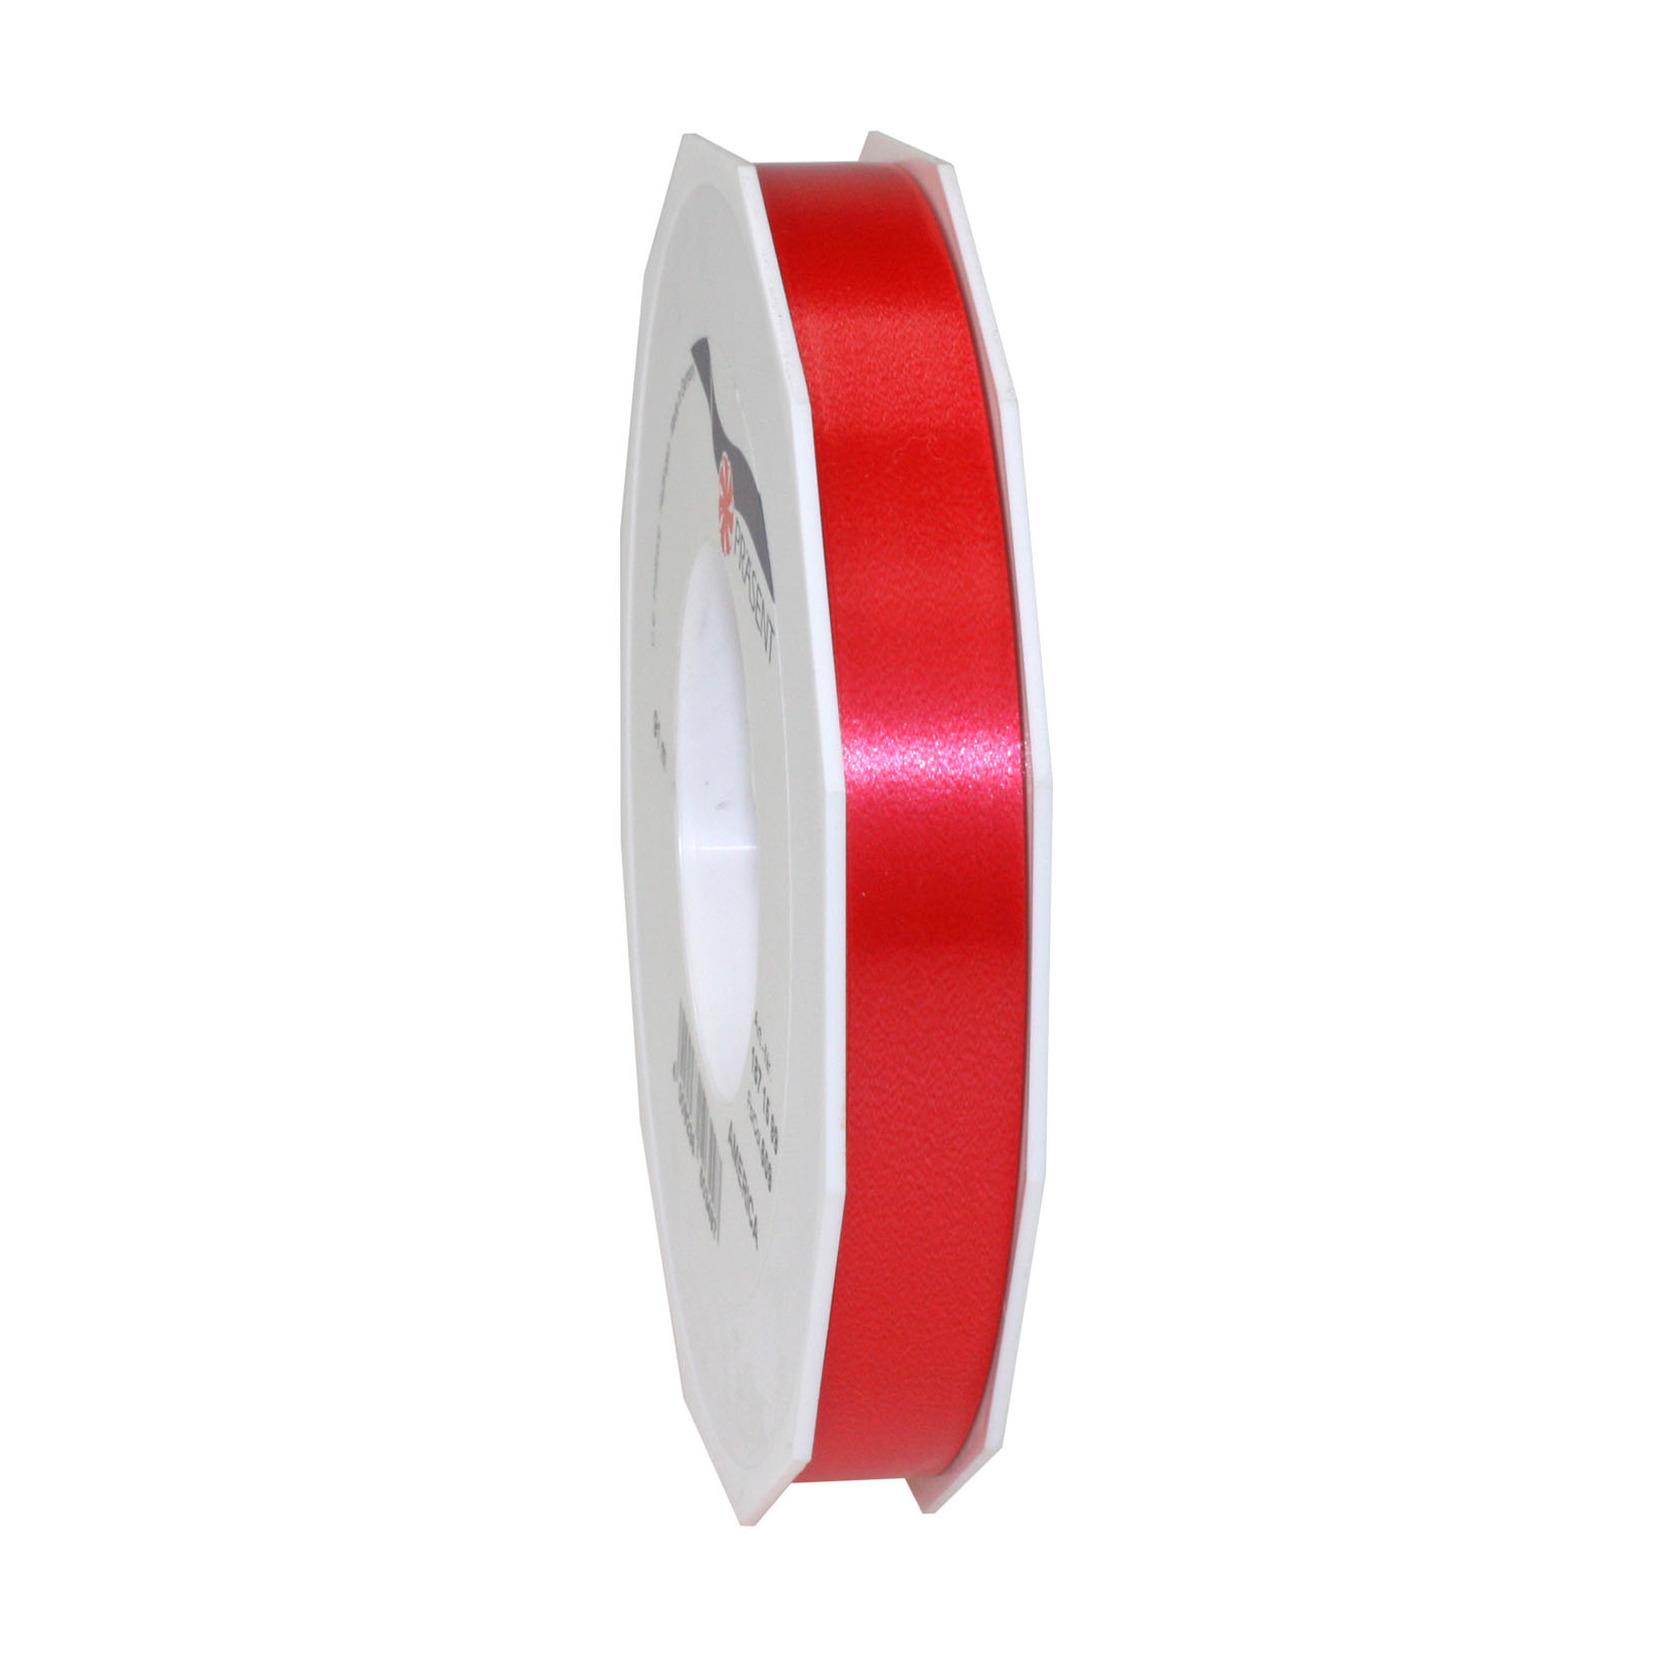 1x Luxe rode satijnlint rollen 1,5 cm x 91 meter cadeaulint verpakkingsmateriaal